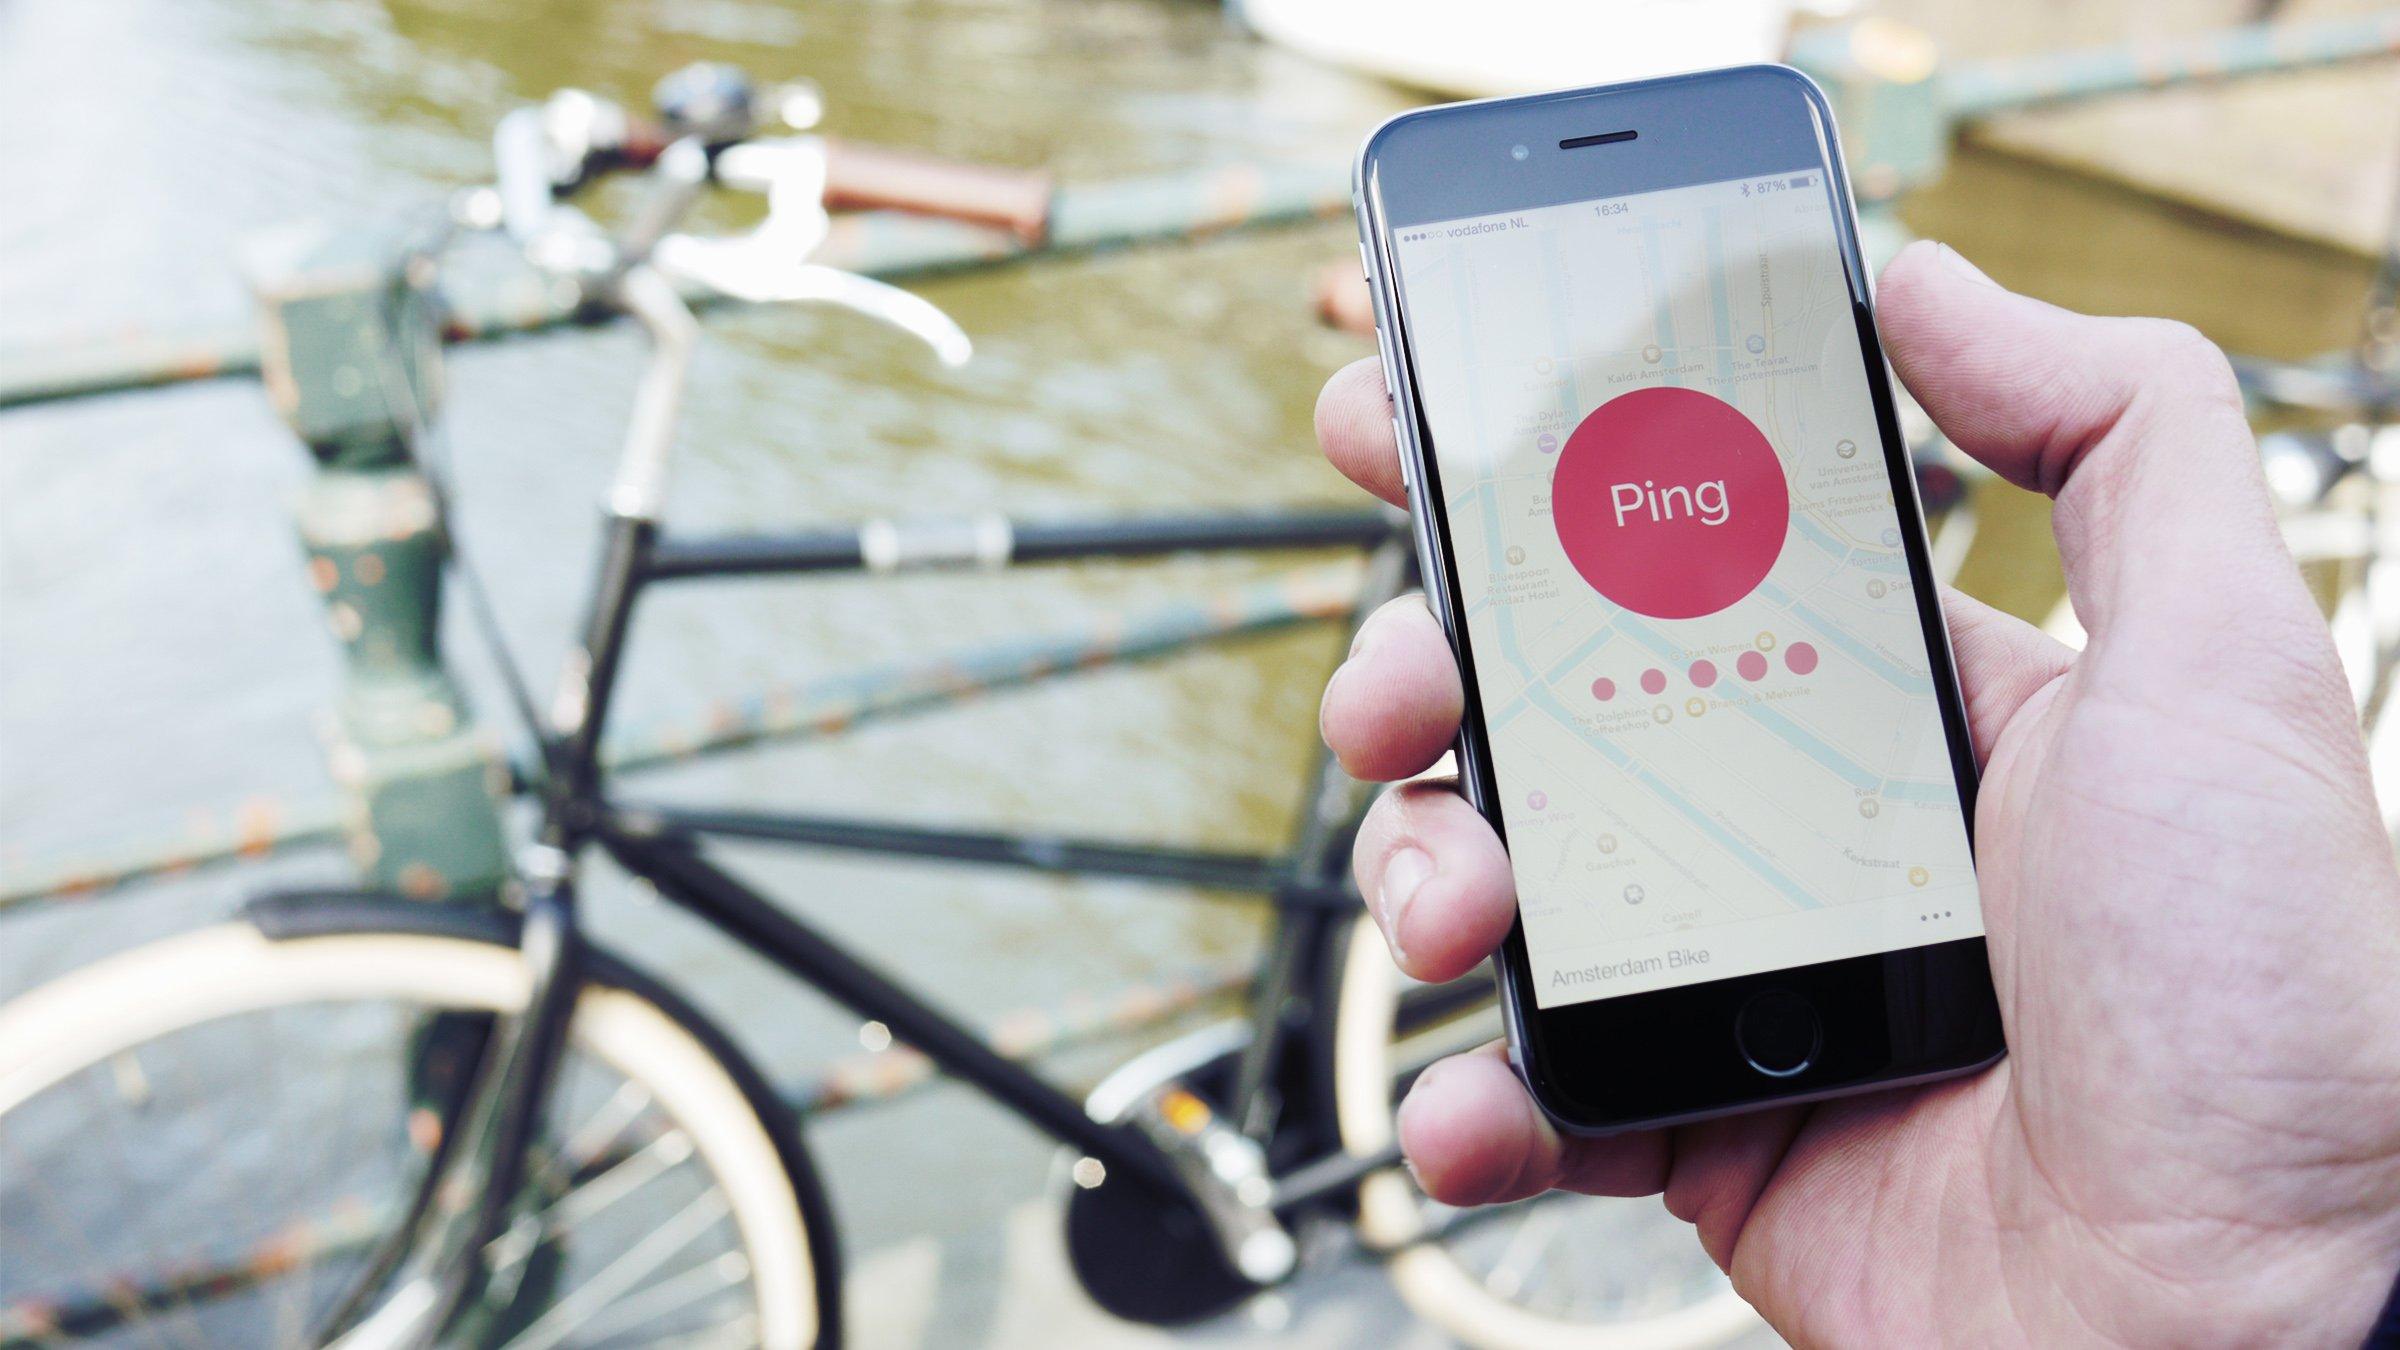 Gefunden: Die Pingbell-App führt den Radfahrer per Karte zum Fahrrad und kann auf Knopfdruck zwischendurch als Hilfe die Fahrradklingel läuten lassen.